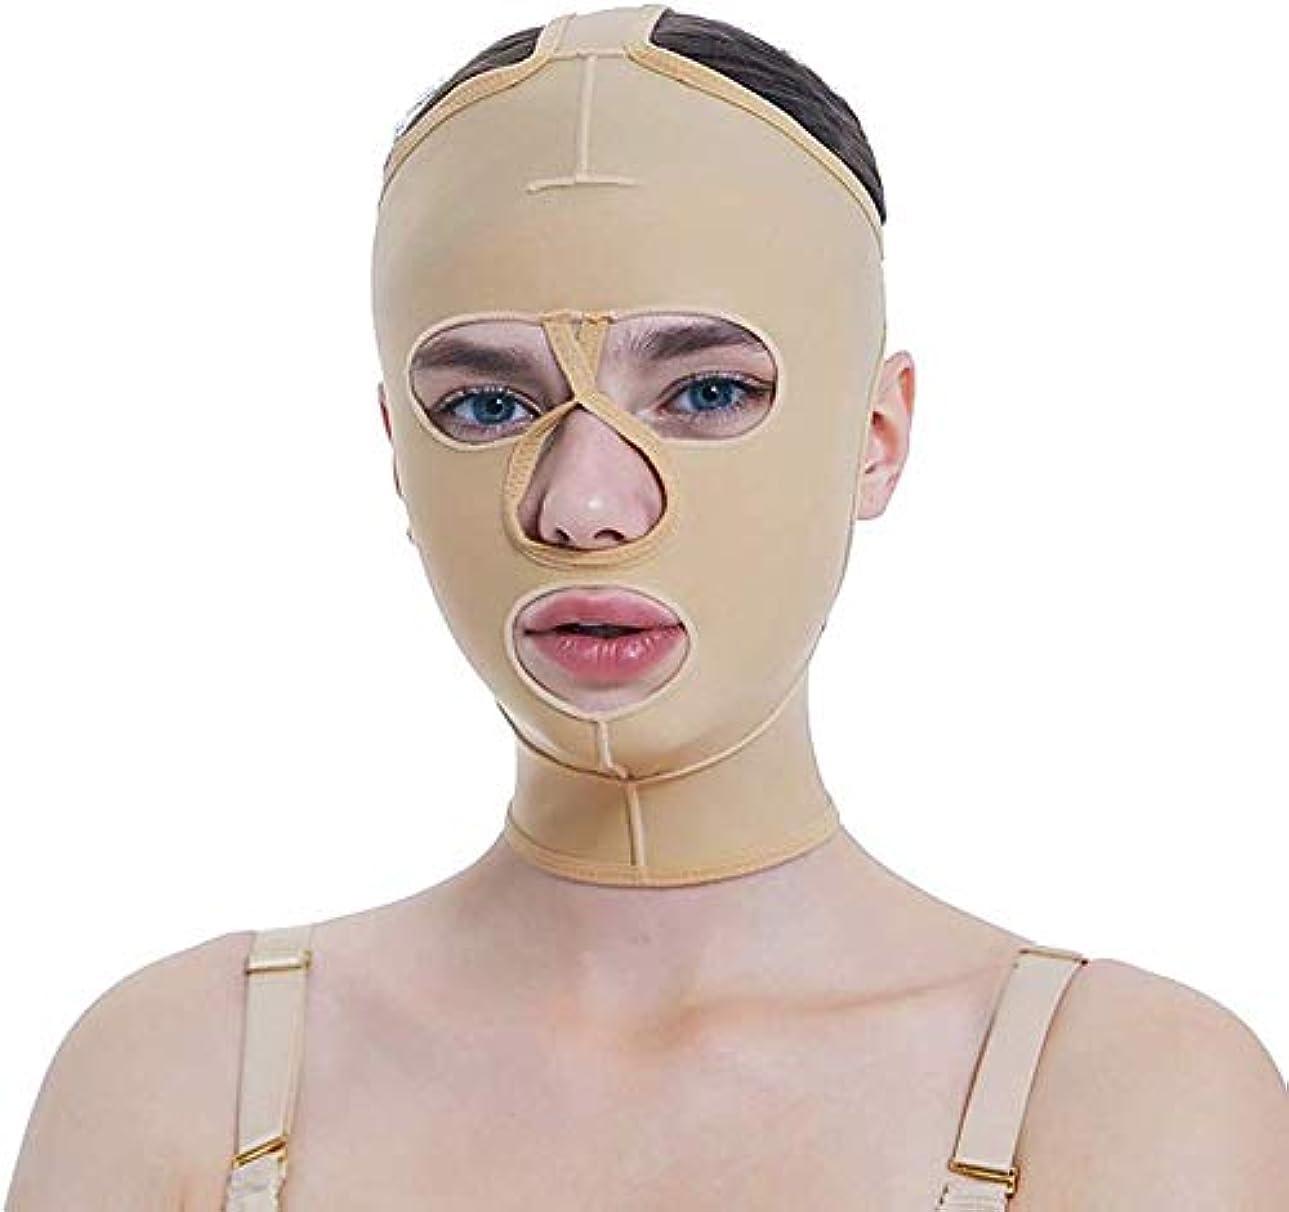 大学院聞きます祝福するスリミングVフェイスマスク、脂肪吸引術成形マスク、薄いフェイスウィッグVフェイスビームフェイス弾性スリーブマルチサイズオプション(サイズ:S)